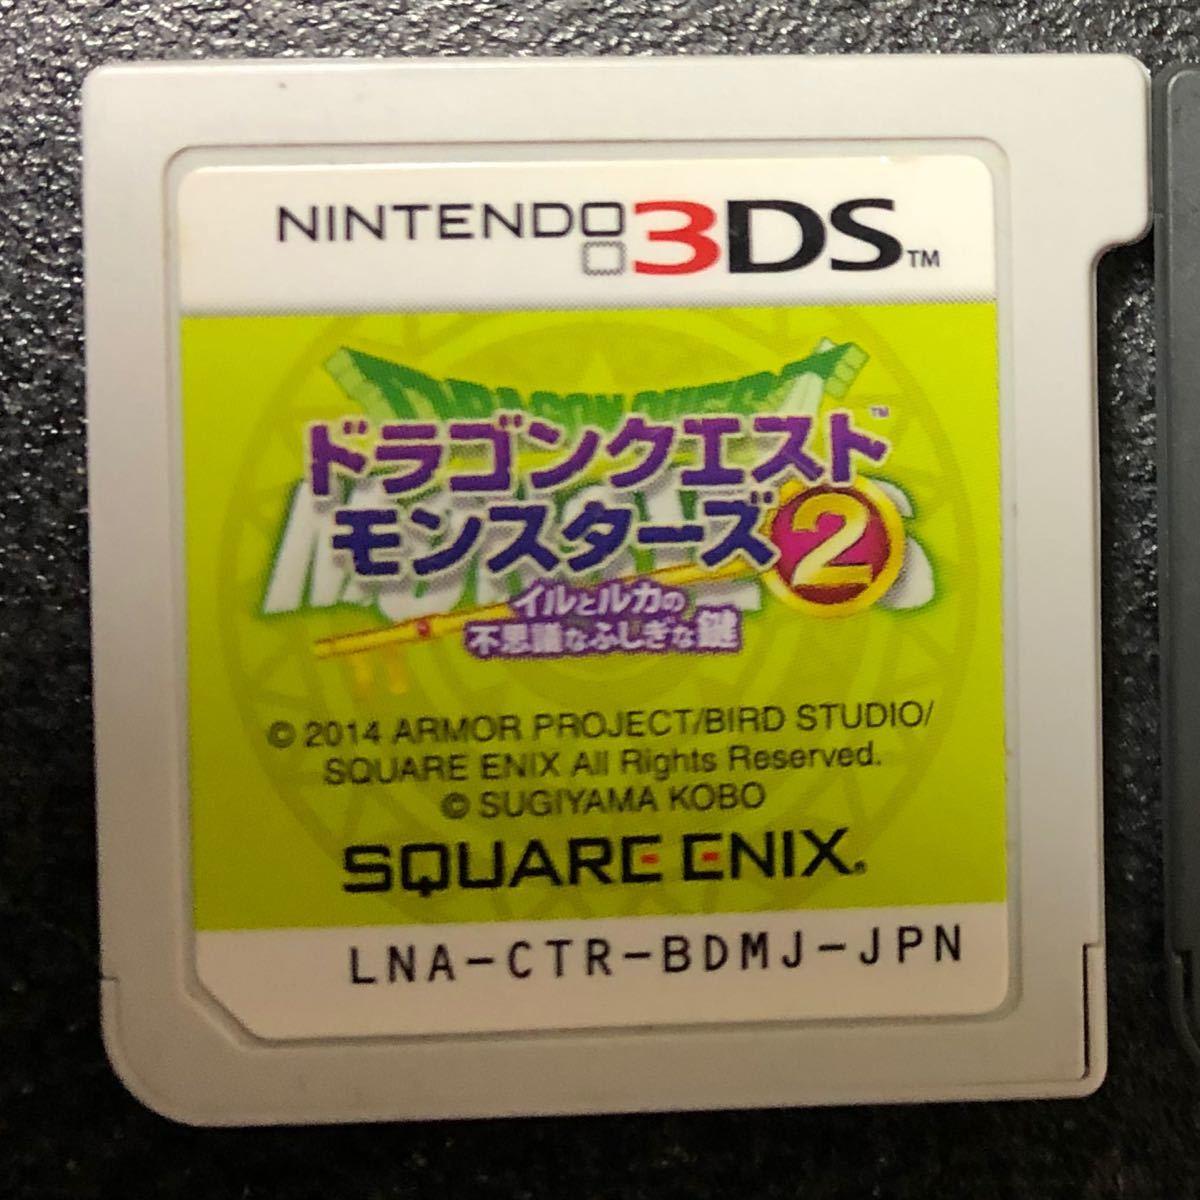 ど ドラゴンクエストモンスターズ2イルとルカの不思議なふしぎな鍵 ニンテンドー3DS ソフト 3DS